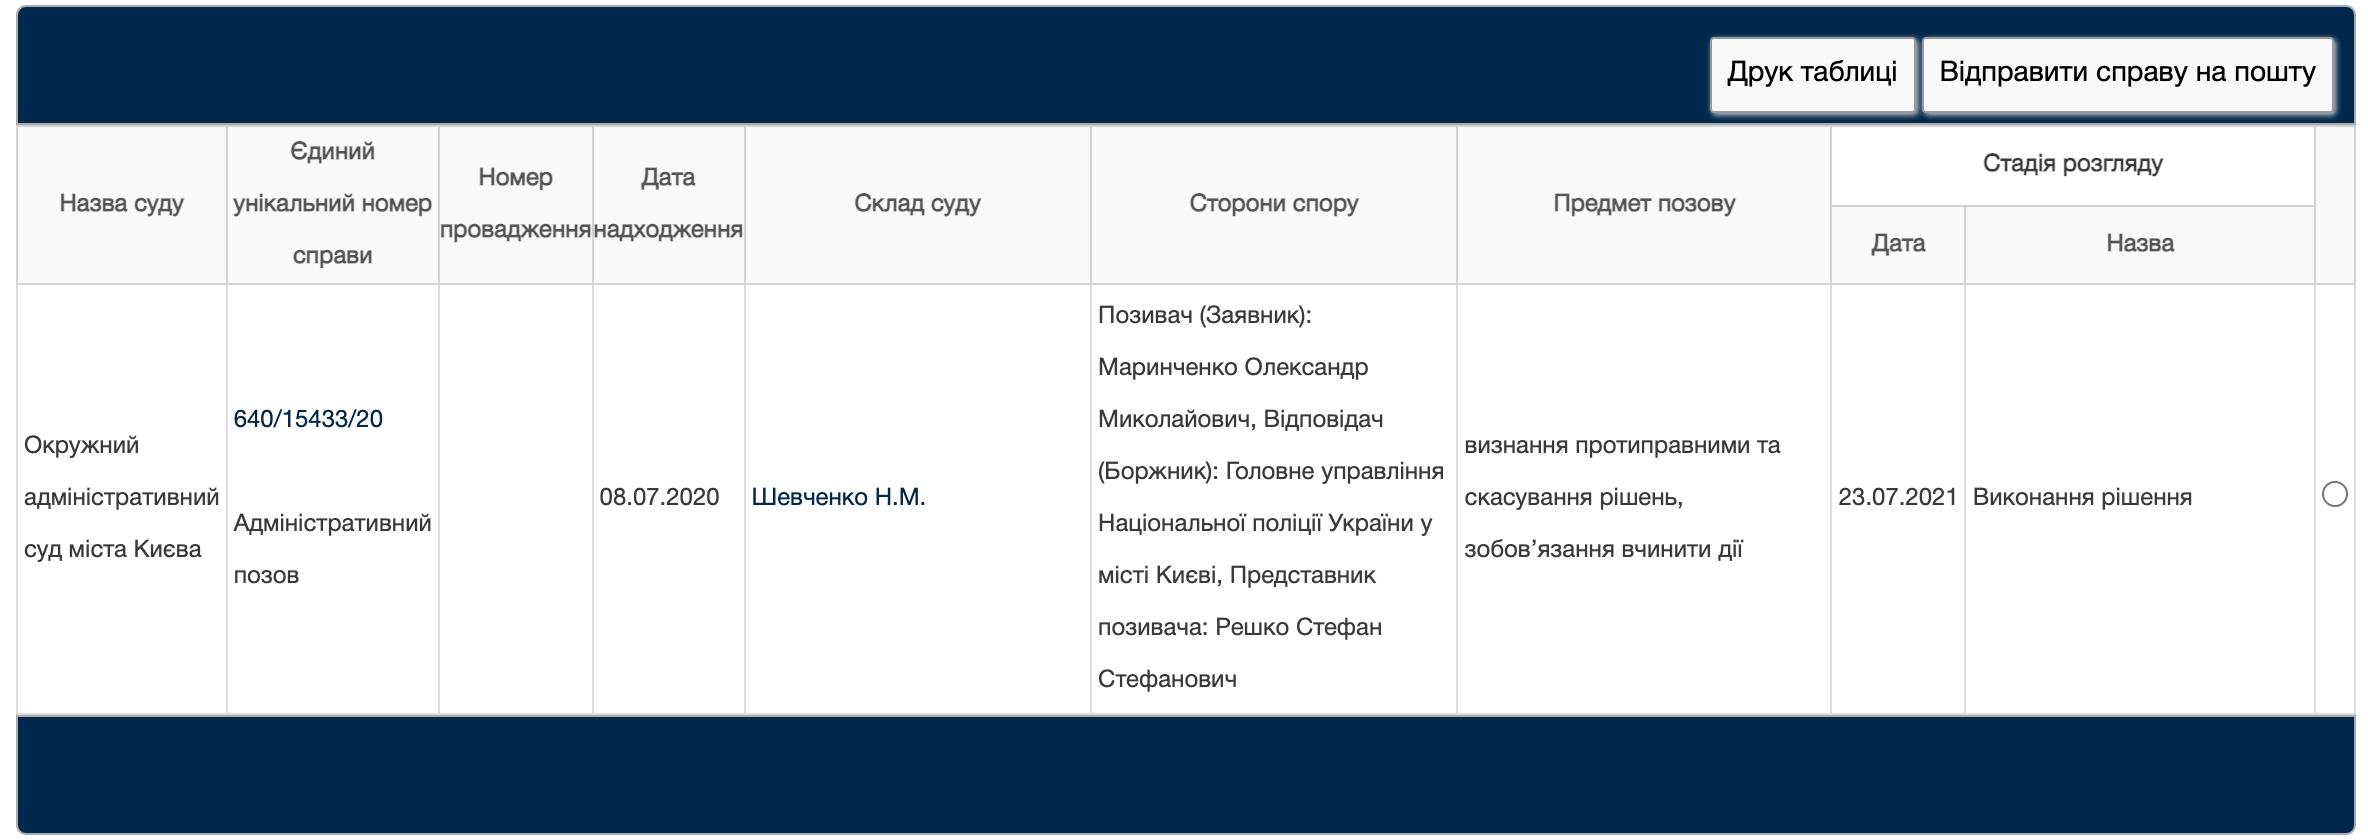 Суд восстановил в должности экс-беркутовца Маринченко, обвинявшегося в расстреле Майдана